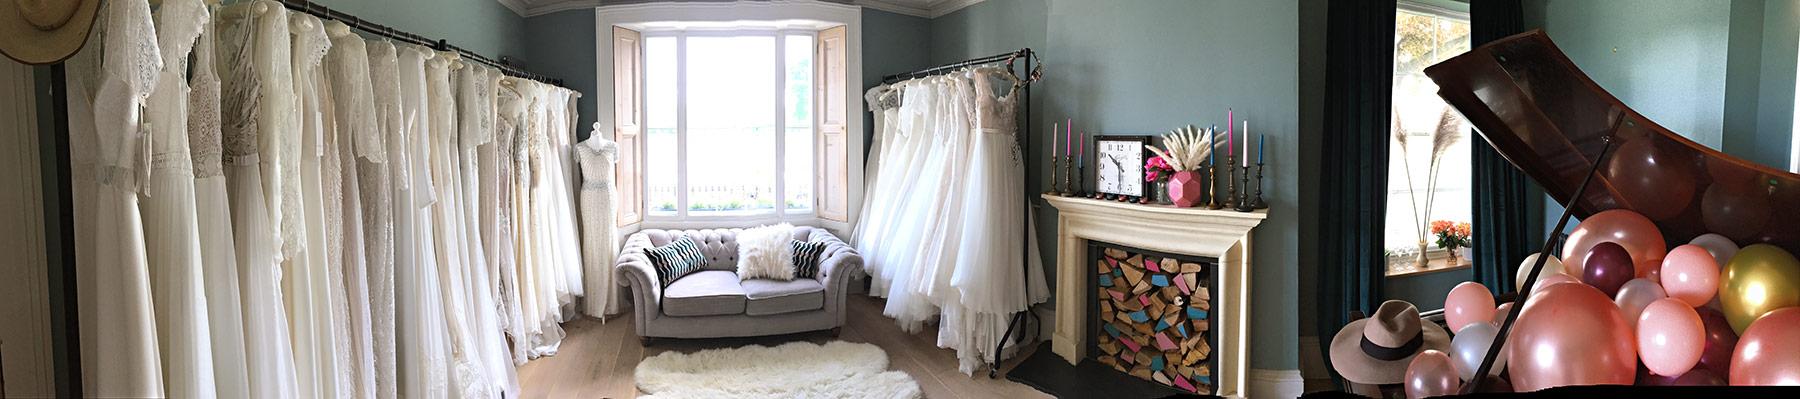 The Little Bridal Boutique, Oxfordshire